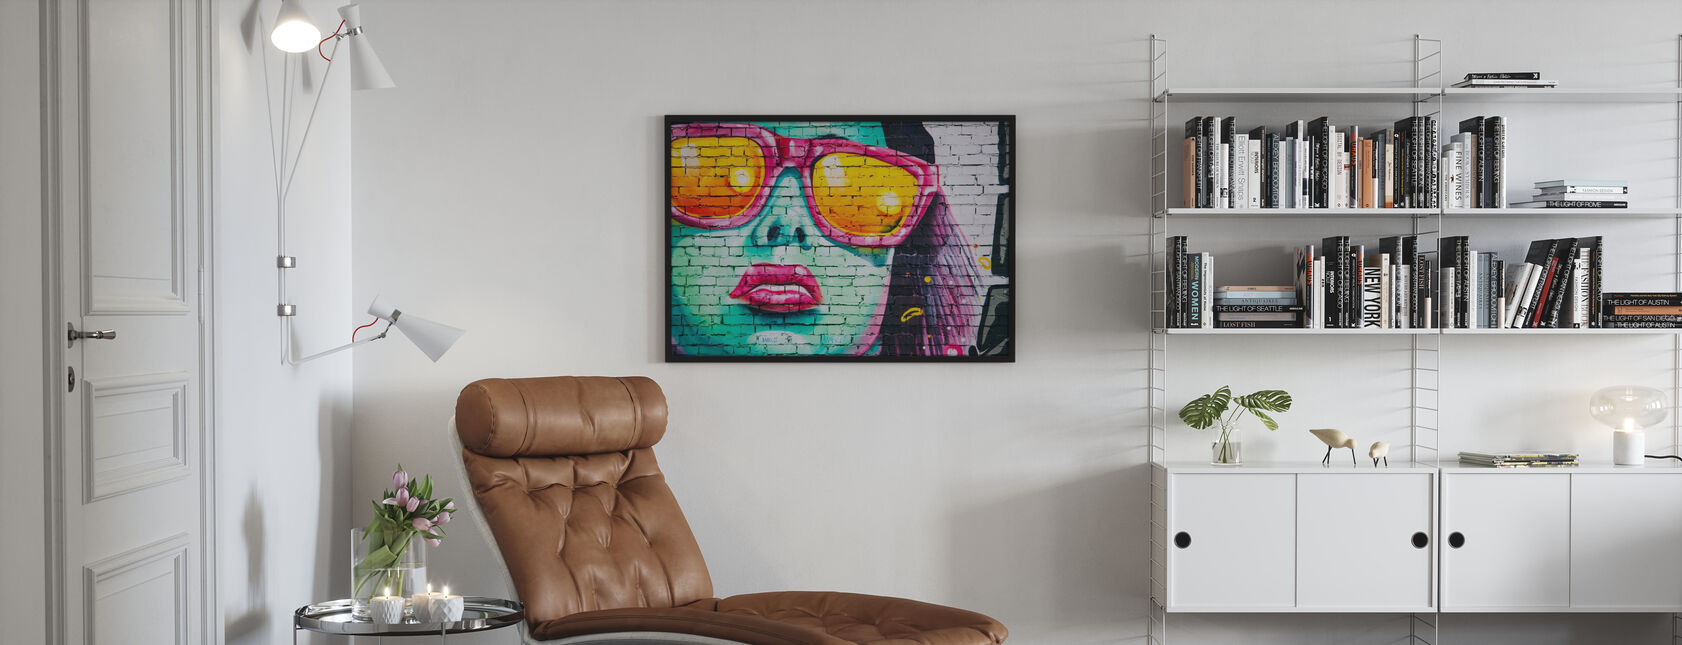 Mural Av Kvinnens Ansikt - Innrammet bilde - Stue